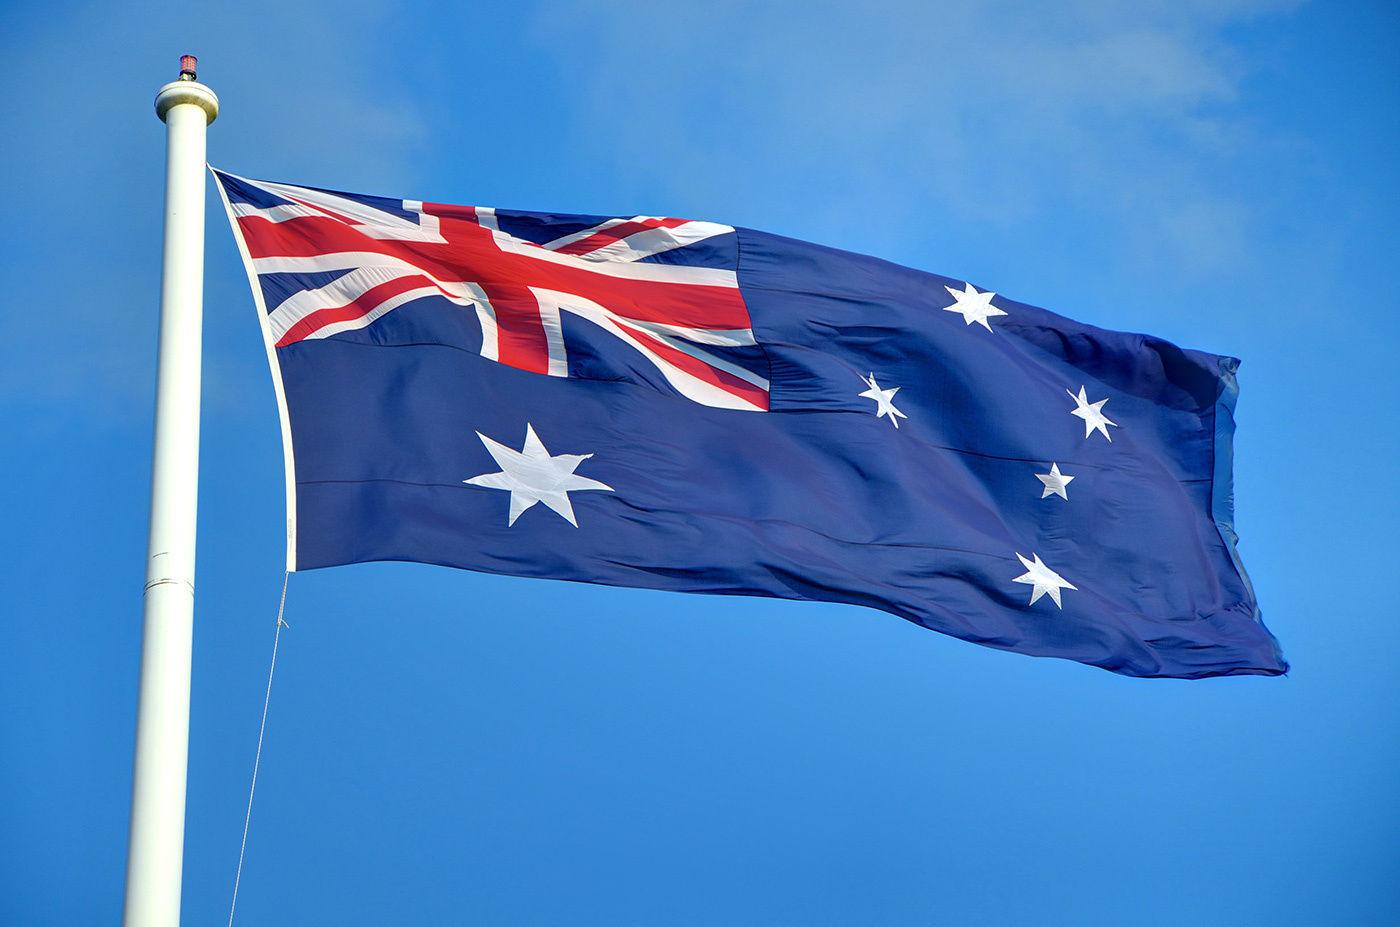 Австралид оршуулгад оролцох хүний дээд тоог 10, хуримынхыг 5-аар тогтоолоо